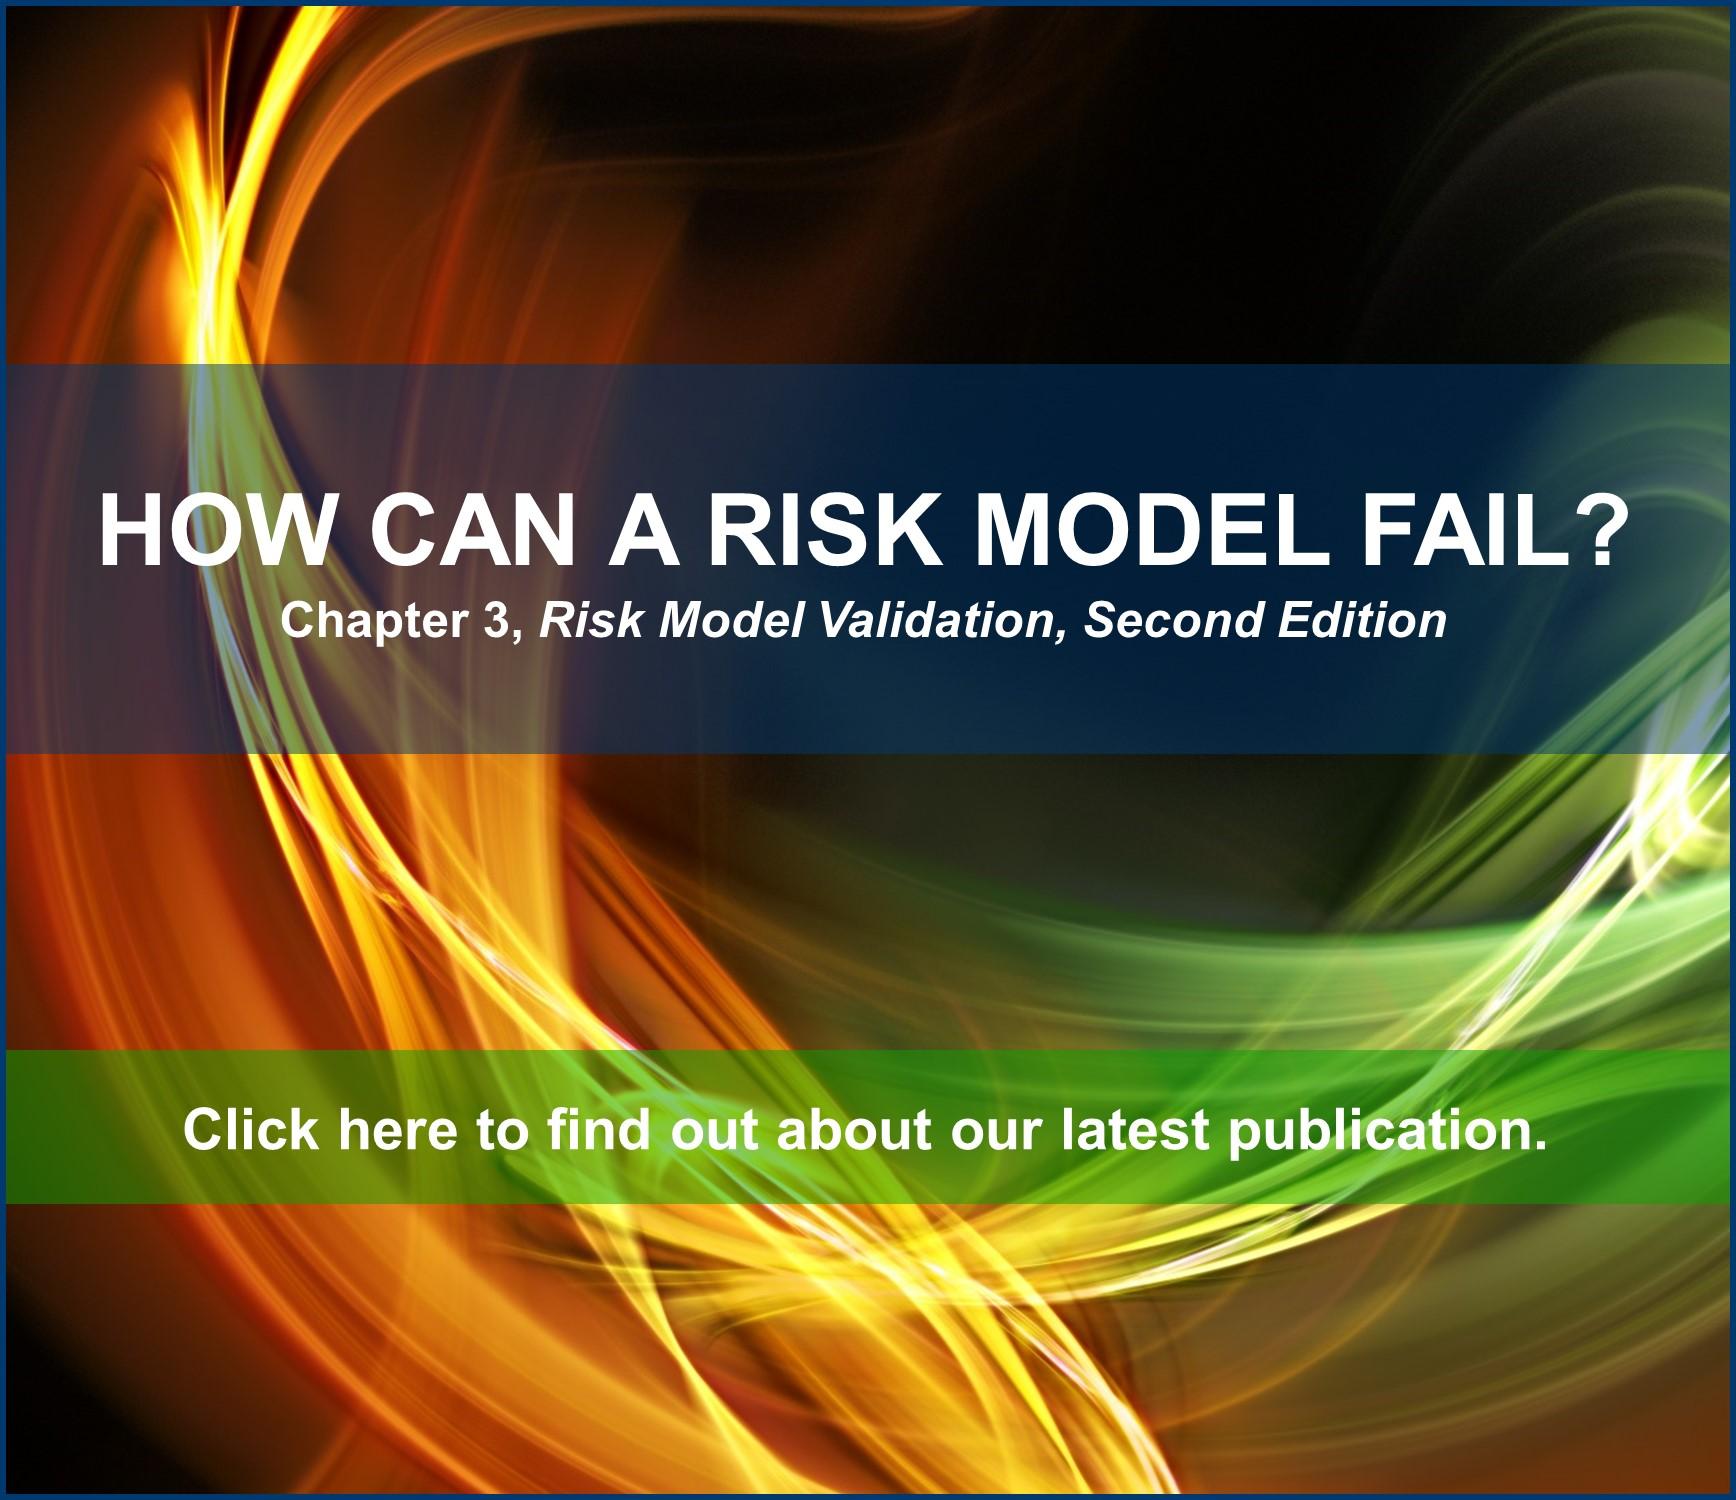 Risk Model Validation, Second Edition